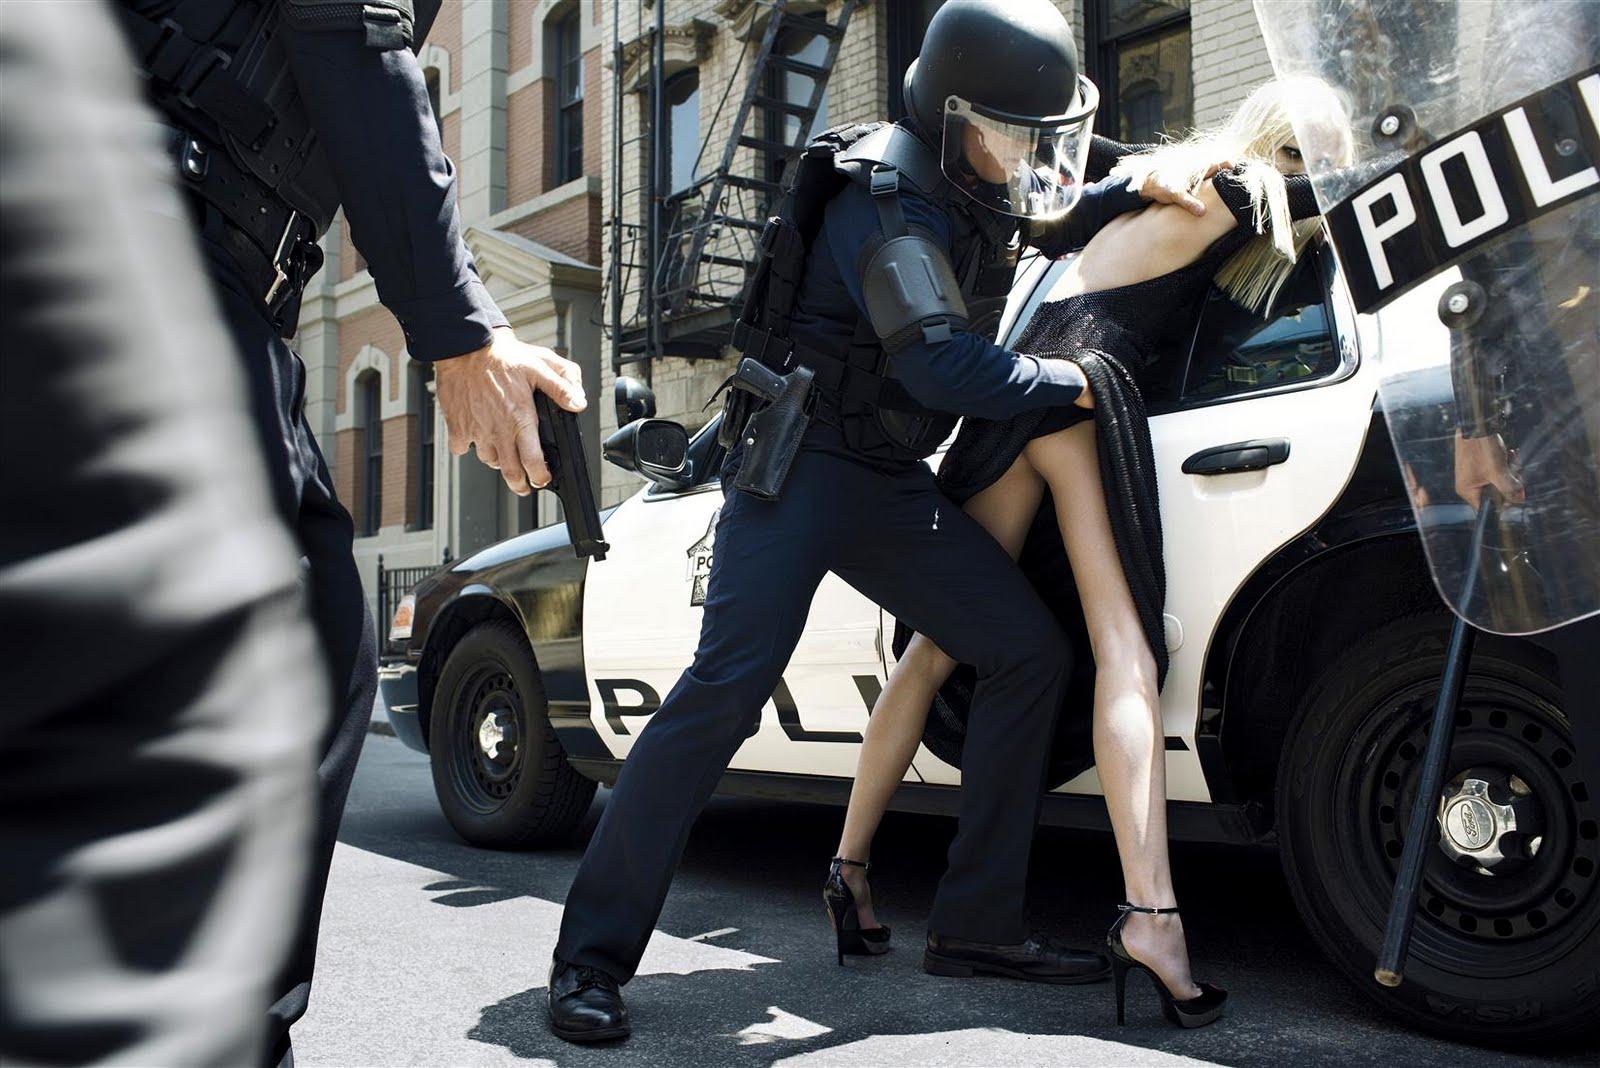 Смотреть менты полиция нравов 13 фотография